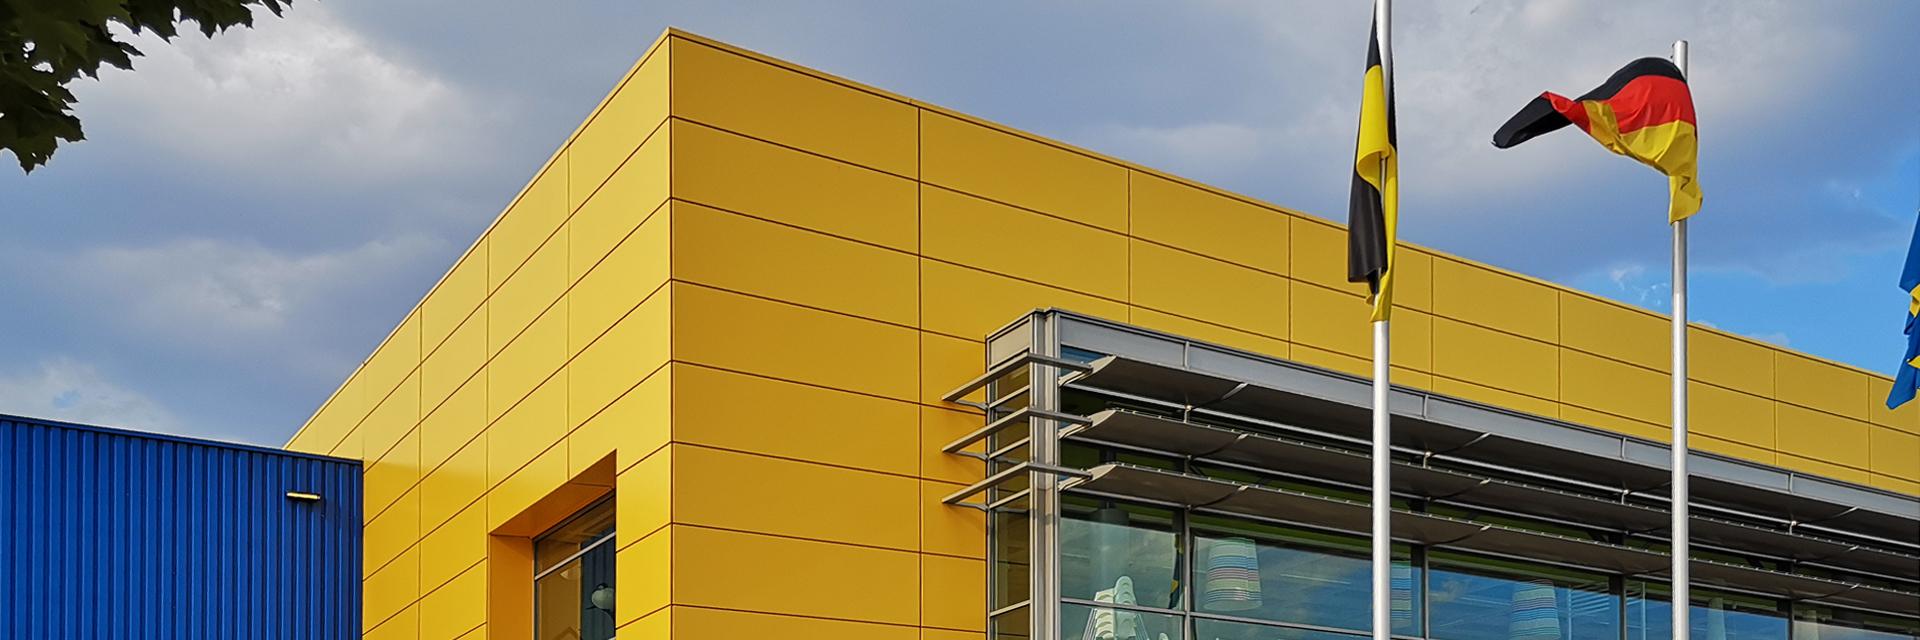 Nach der Sanierung mit Duraflon erstrahlt die Fassade des Möbelhauses wieder im identitätsstiftenden Originalfarbton - und das seit acht Jahren.